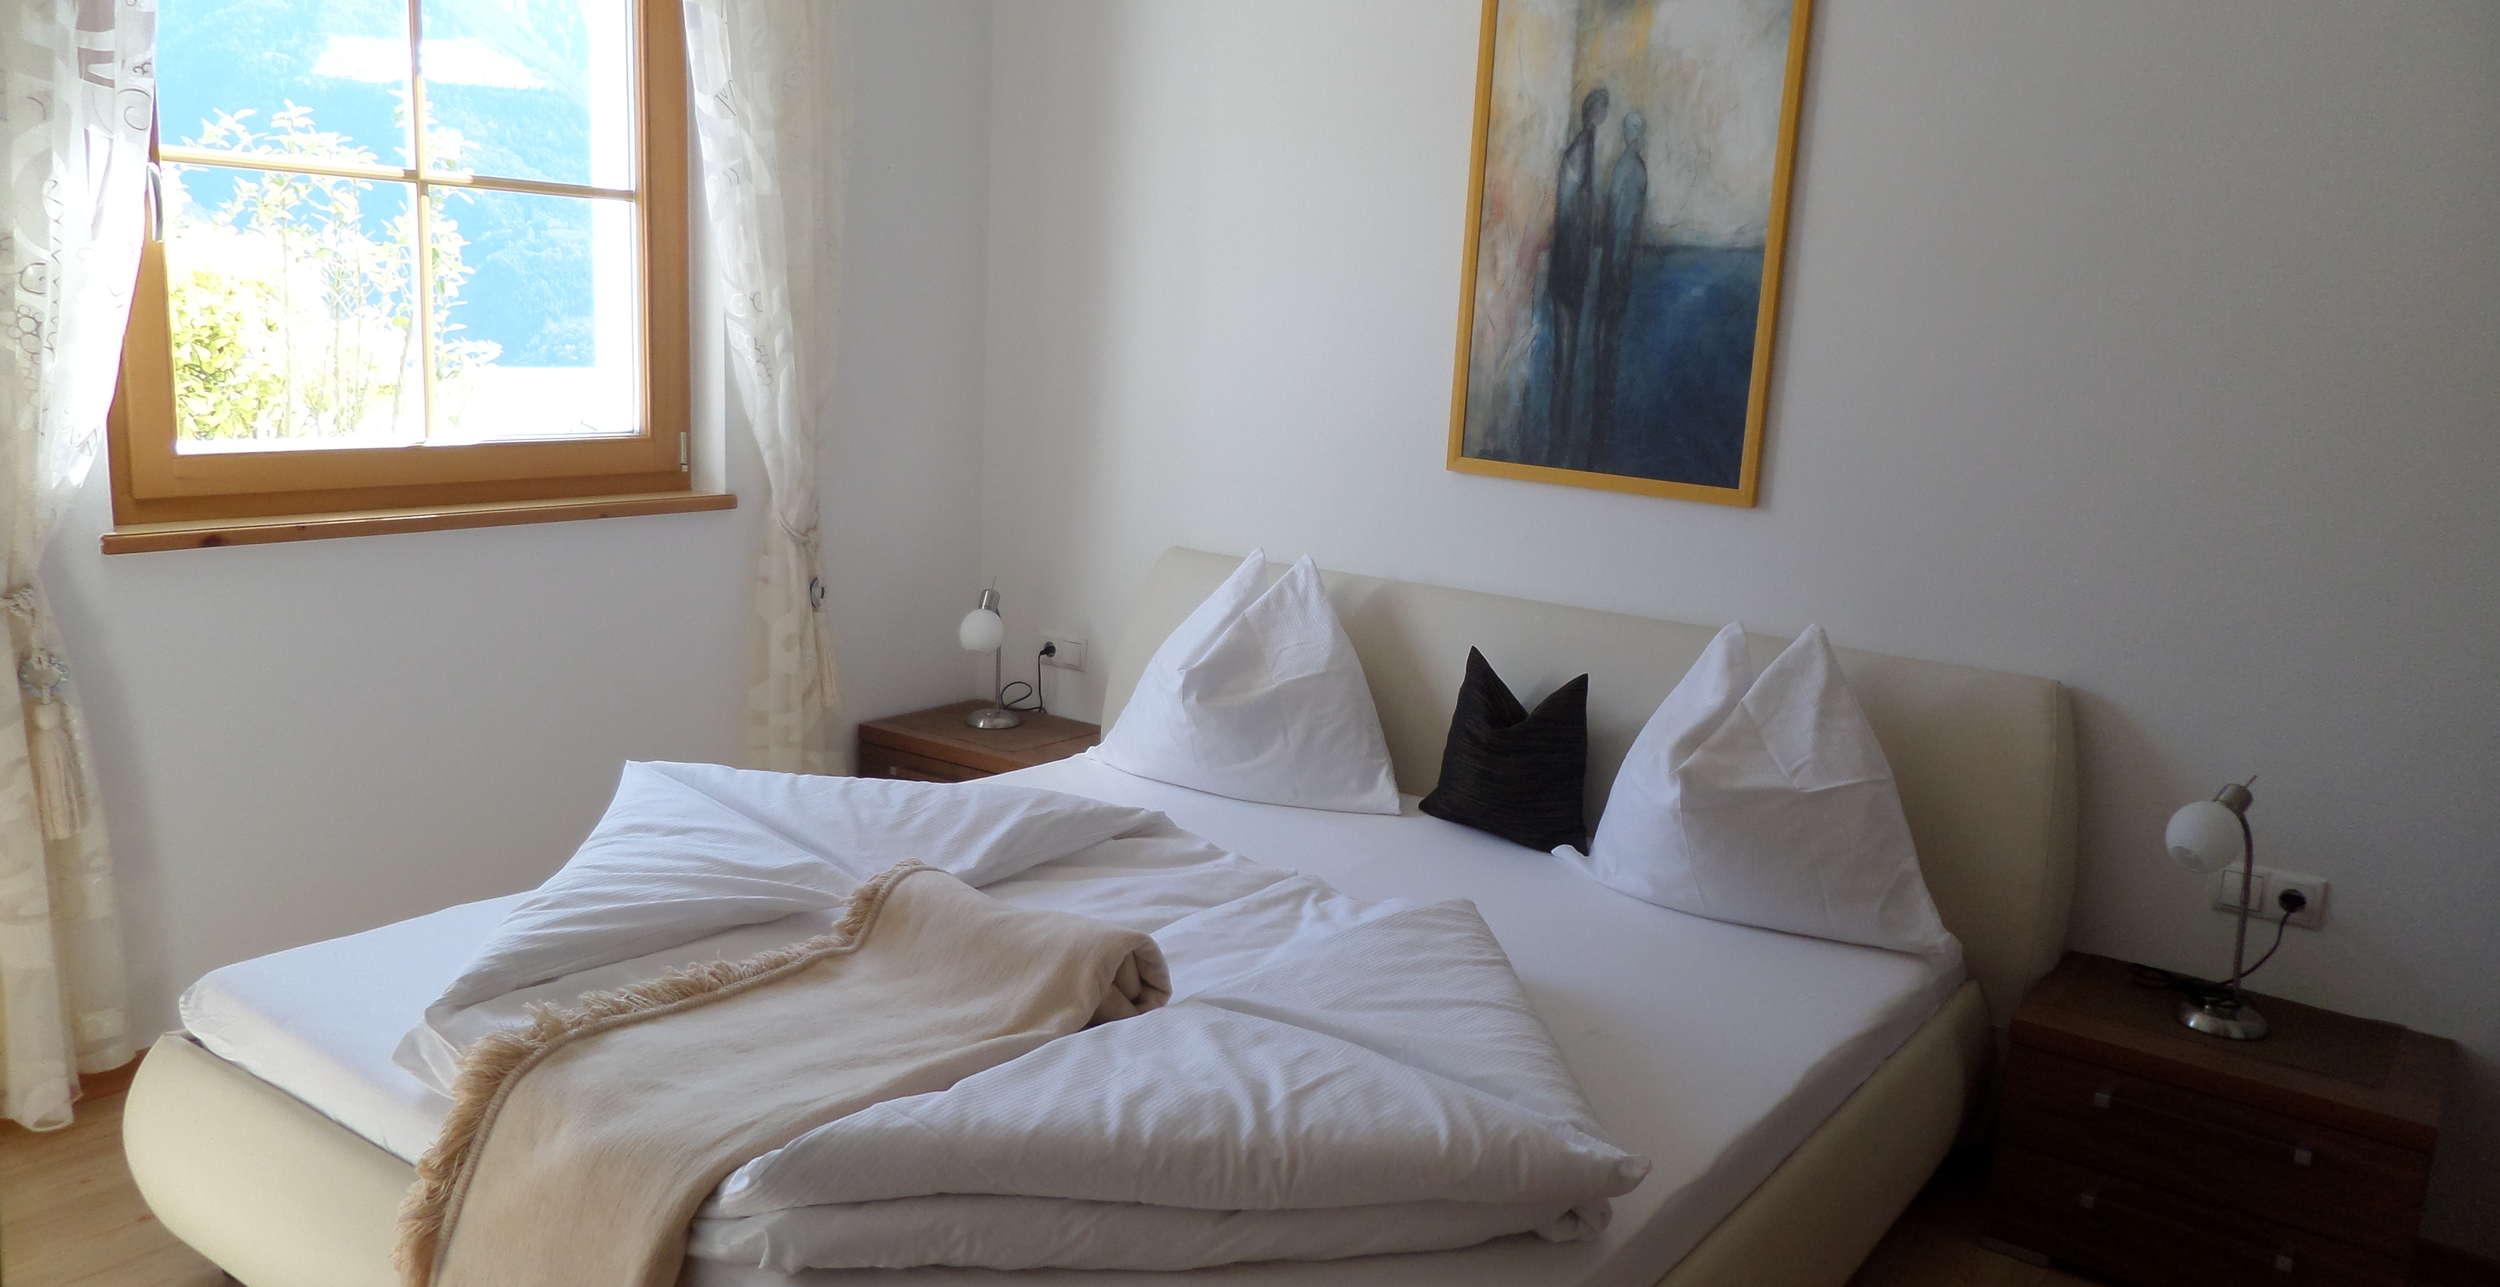 appartement lavendel ferienwohnungen ansitz oberlahnbach. Black Bedroom Furniture Sets. Home Design Ideas